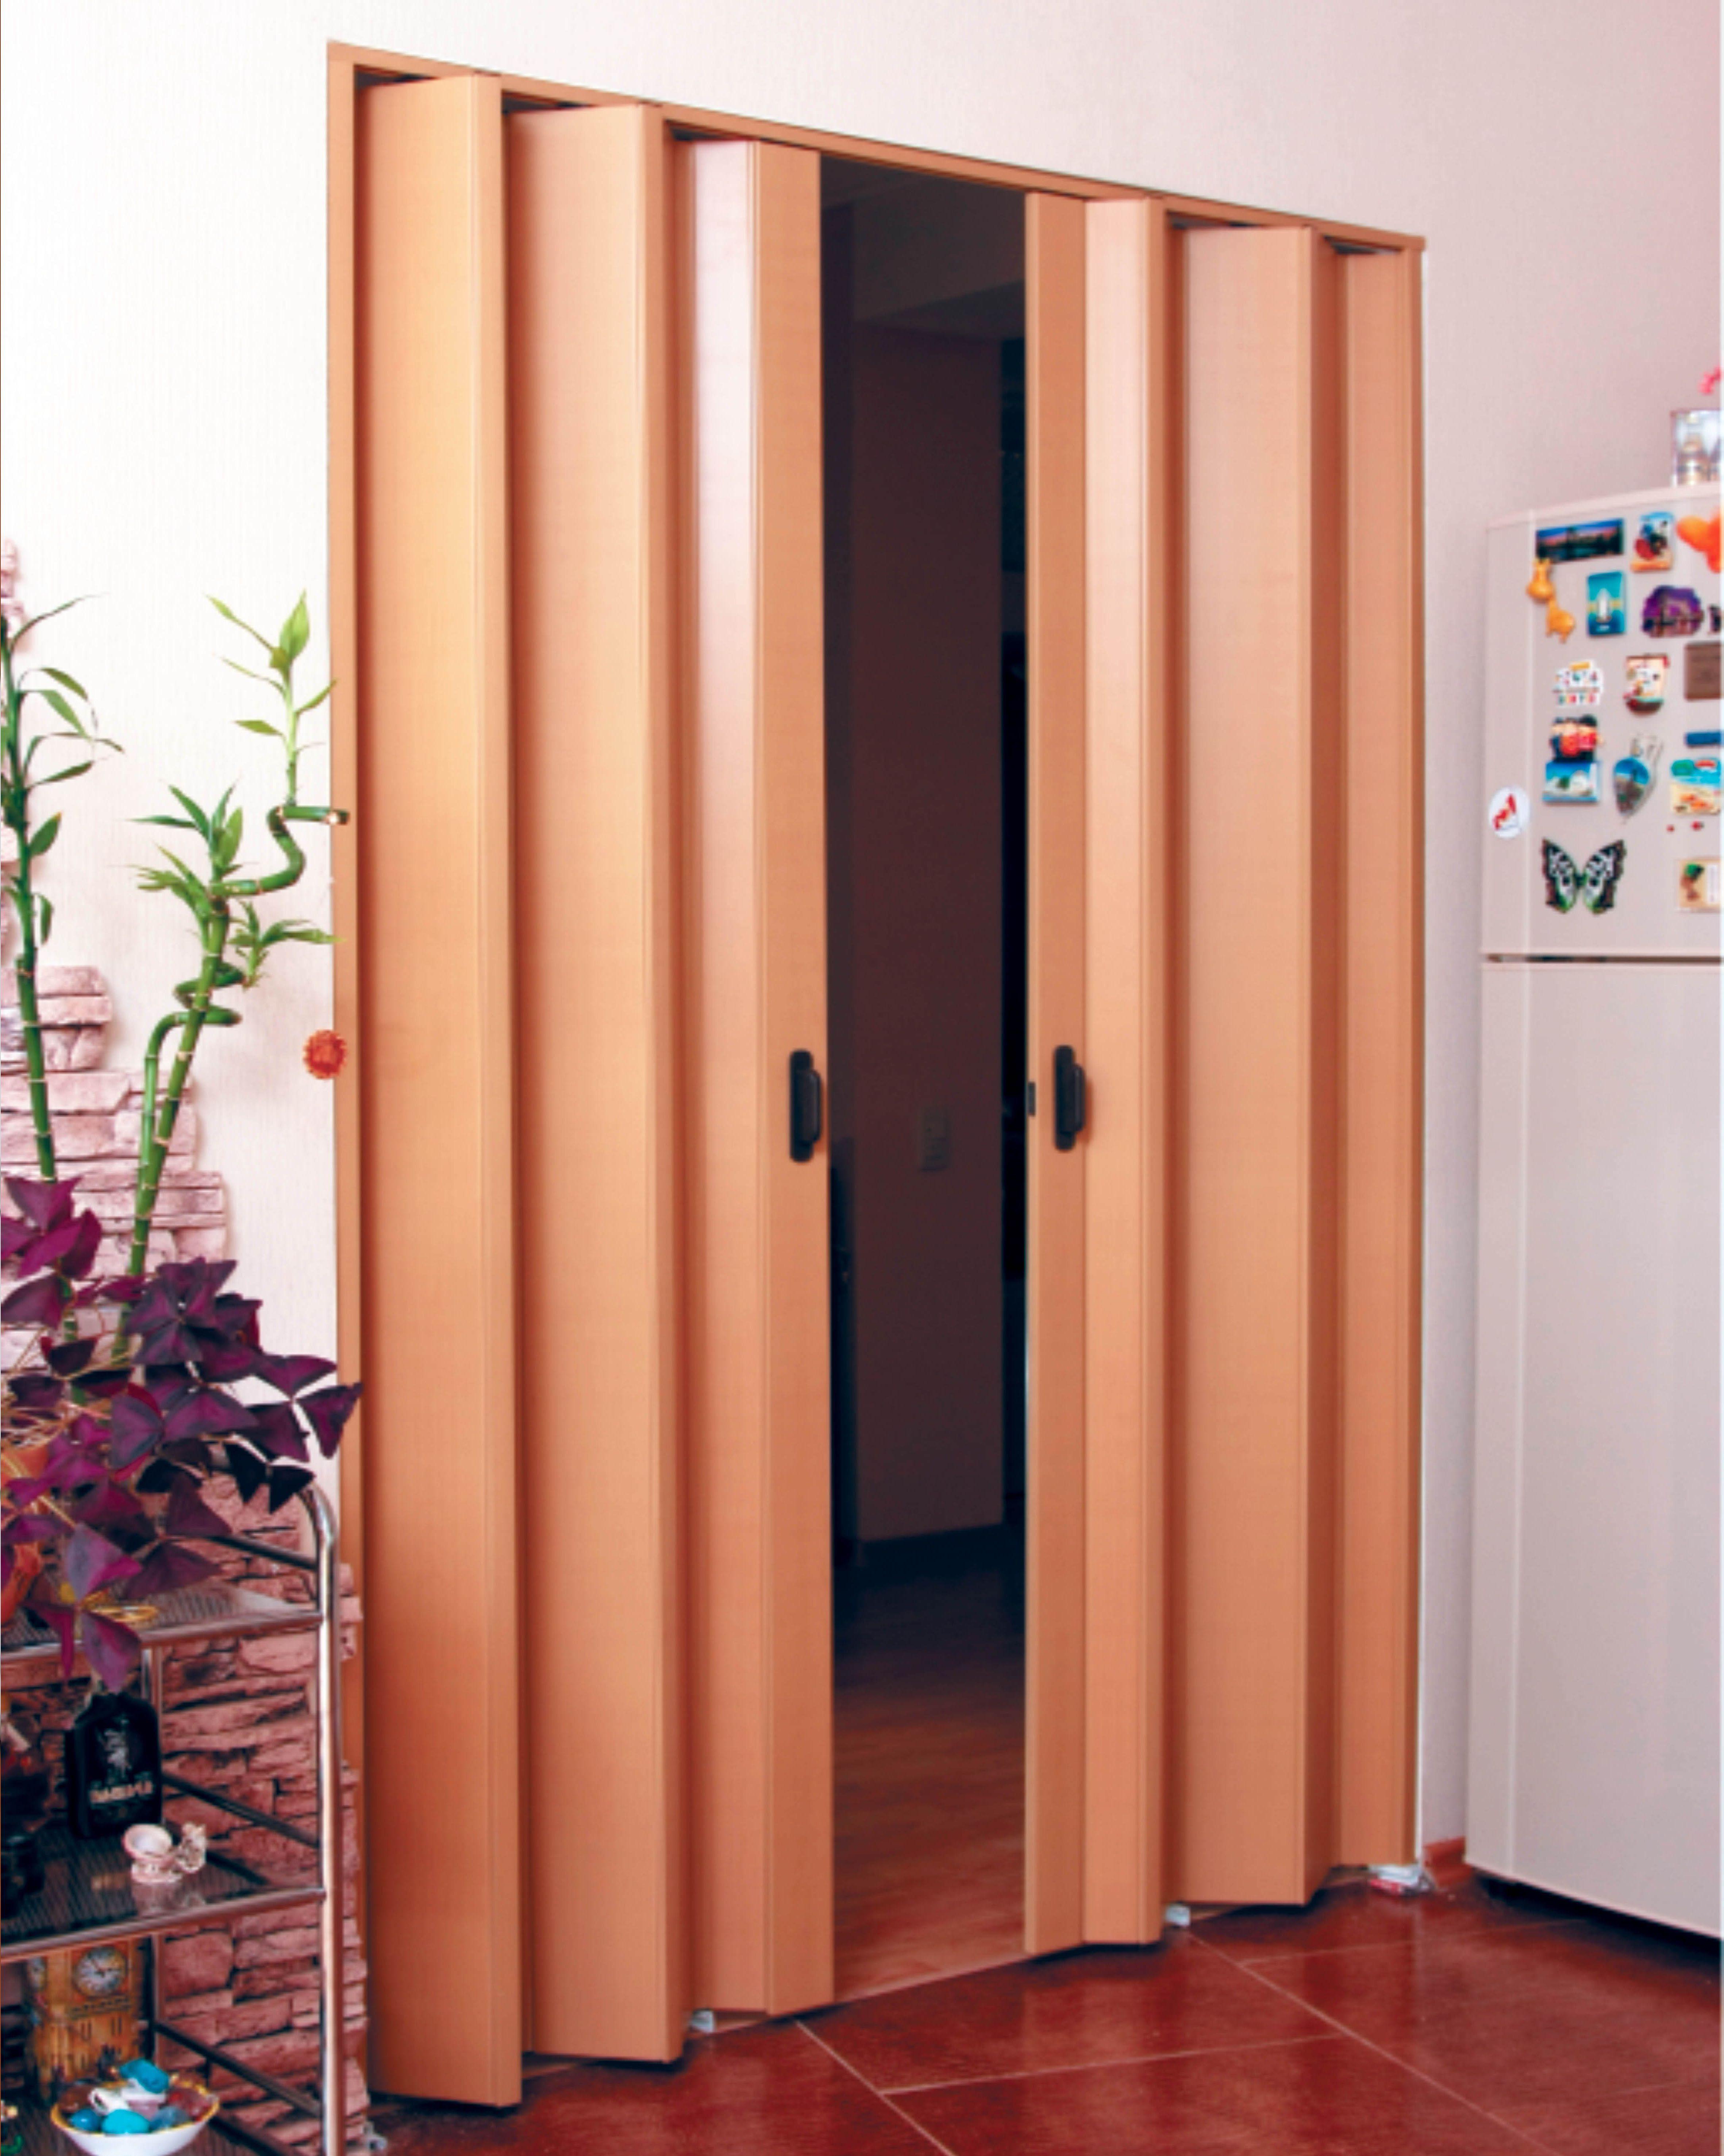 Plastic Folding Door For Bathroom Sliding Bathroom Doors Door Design Folding Doors Interior